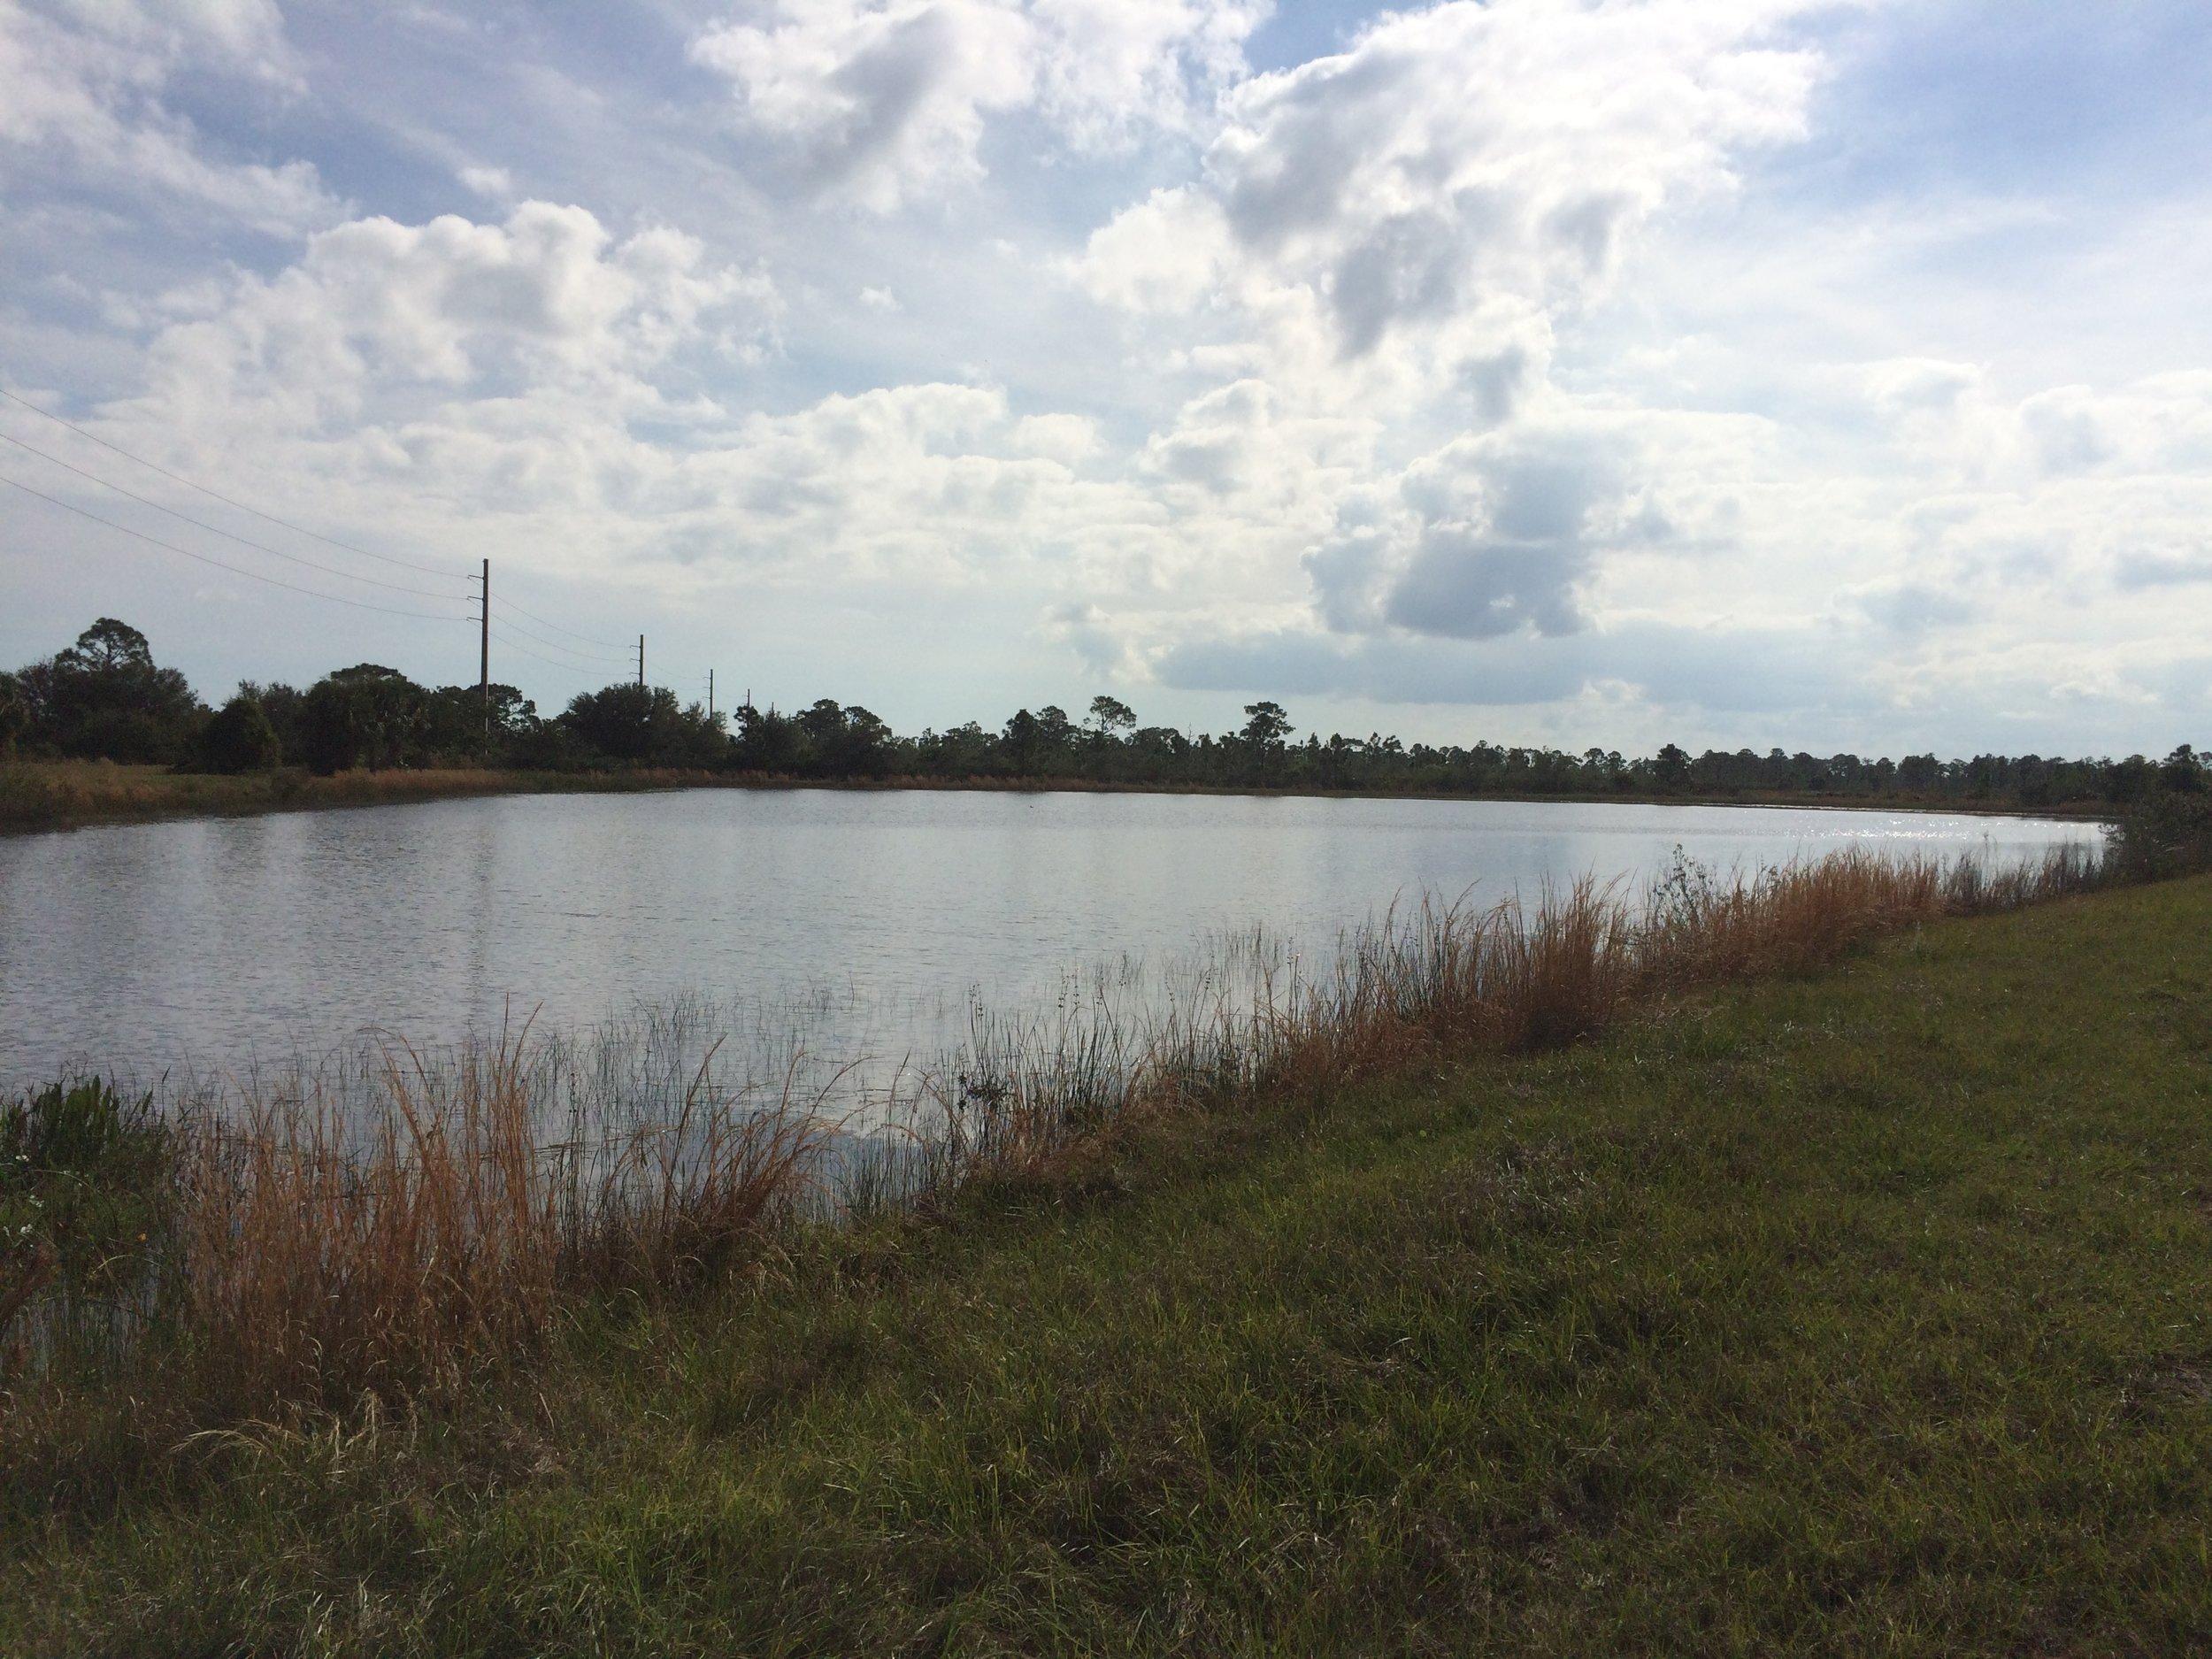 Oakmont Preserve Lot 42 - 2393 Westhorpe Dr Malabar FL 32950 - View